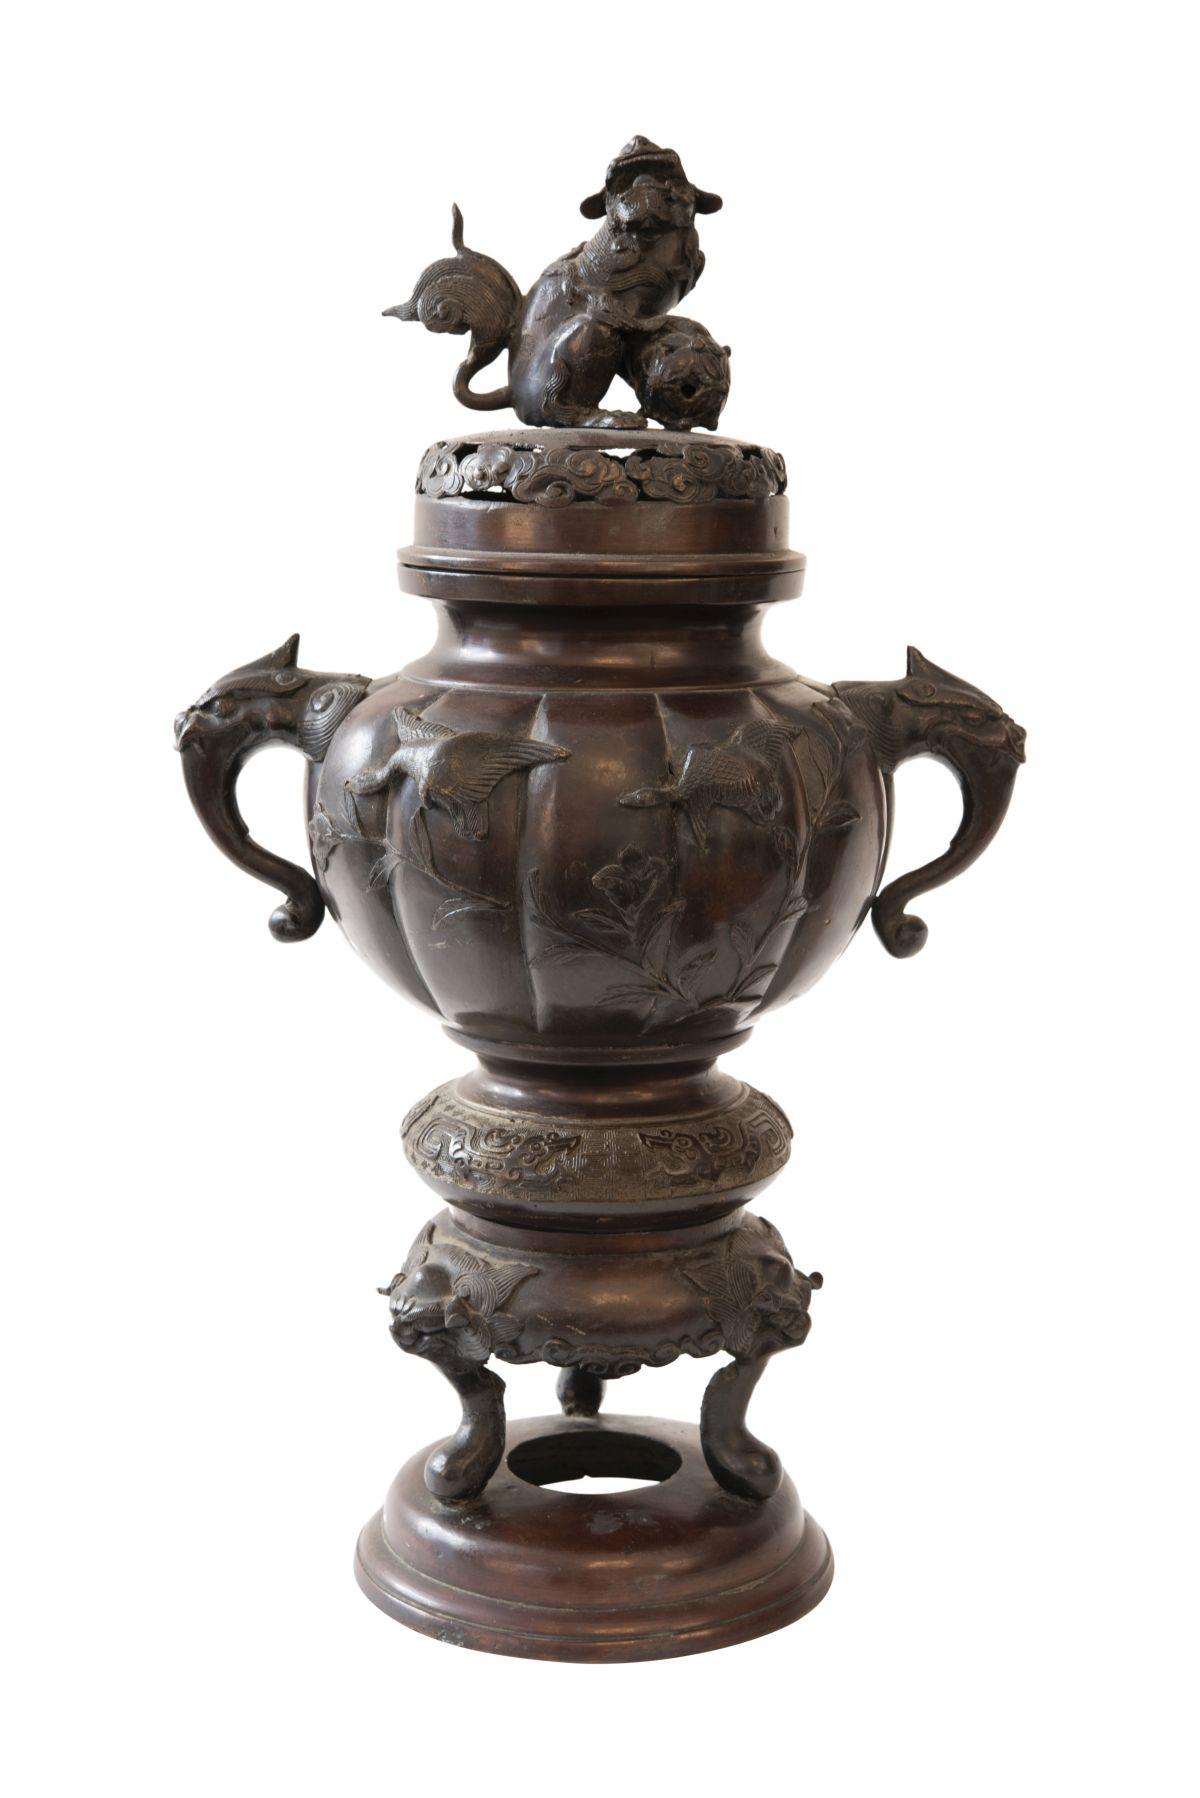 #60 Incense Burner China, 20th C. | Weihrauchgefäß China, 20. Jh. Image